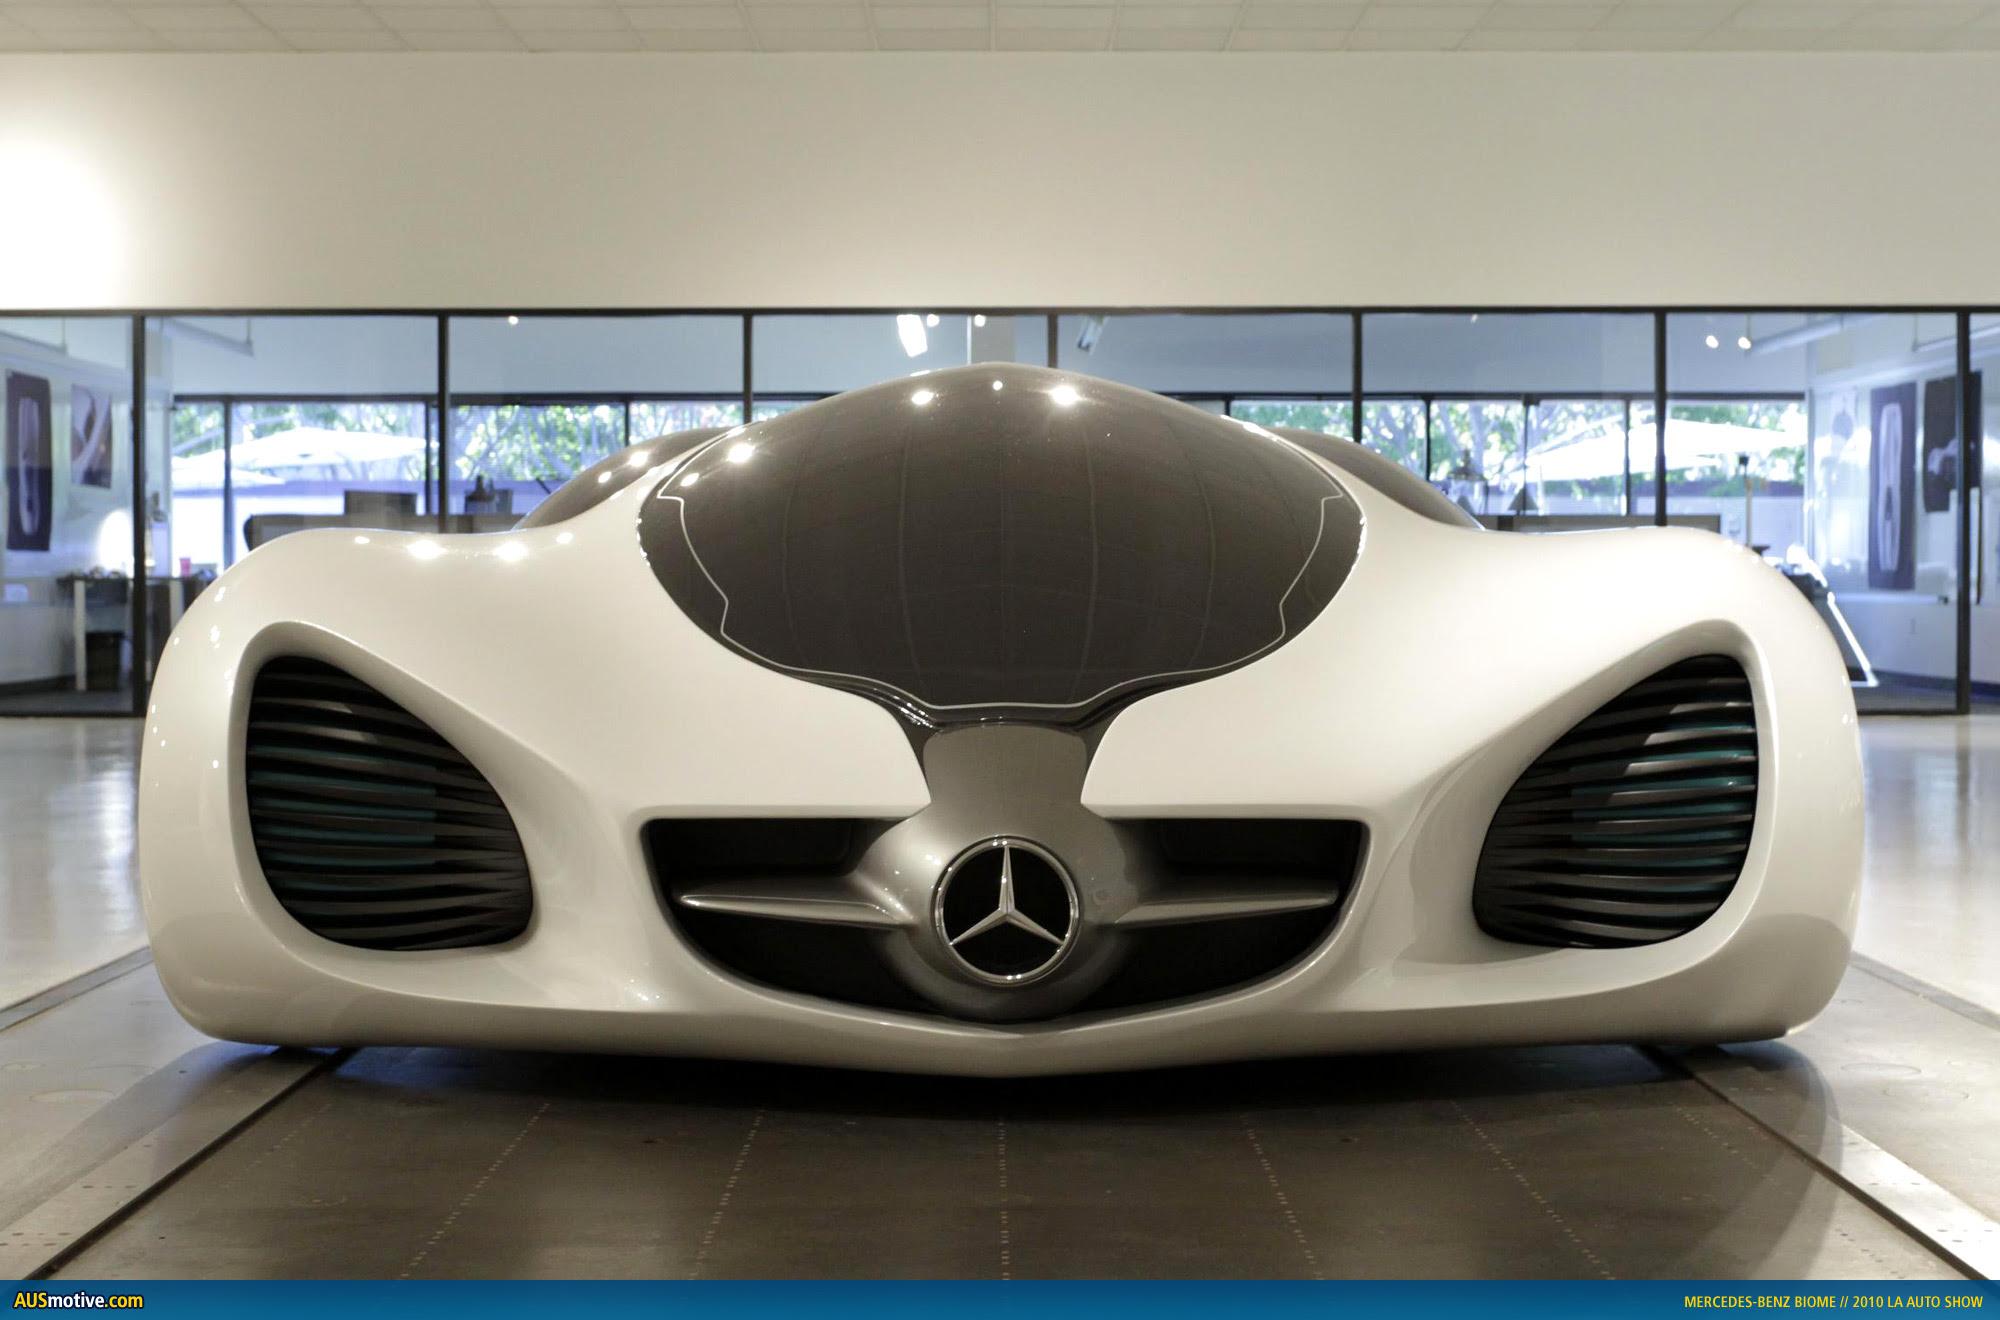 AUSmotive.com » LA 2010: Mercedes-Benz BIOME